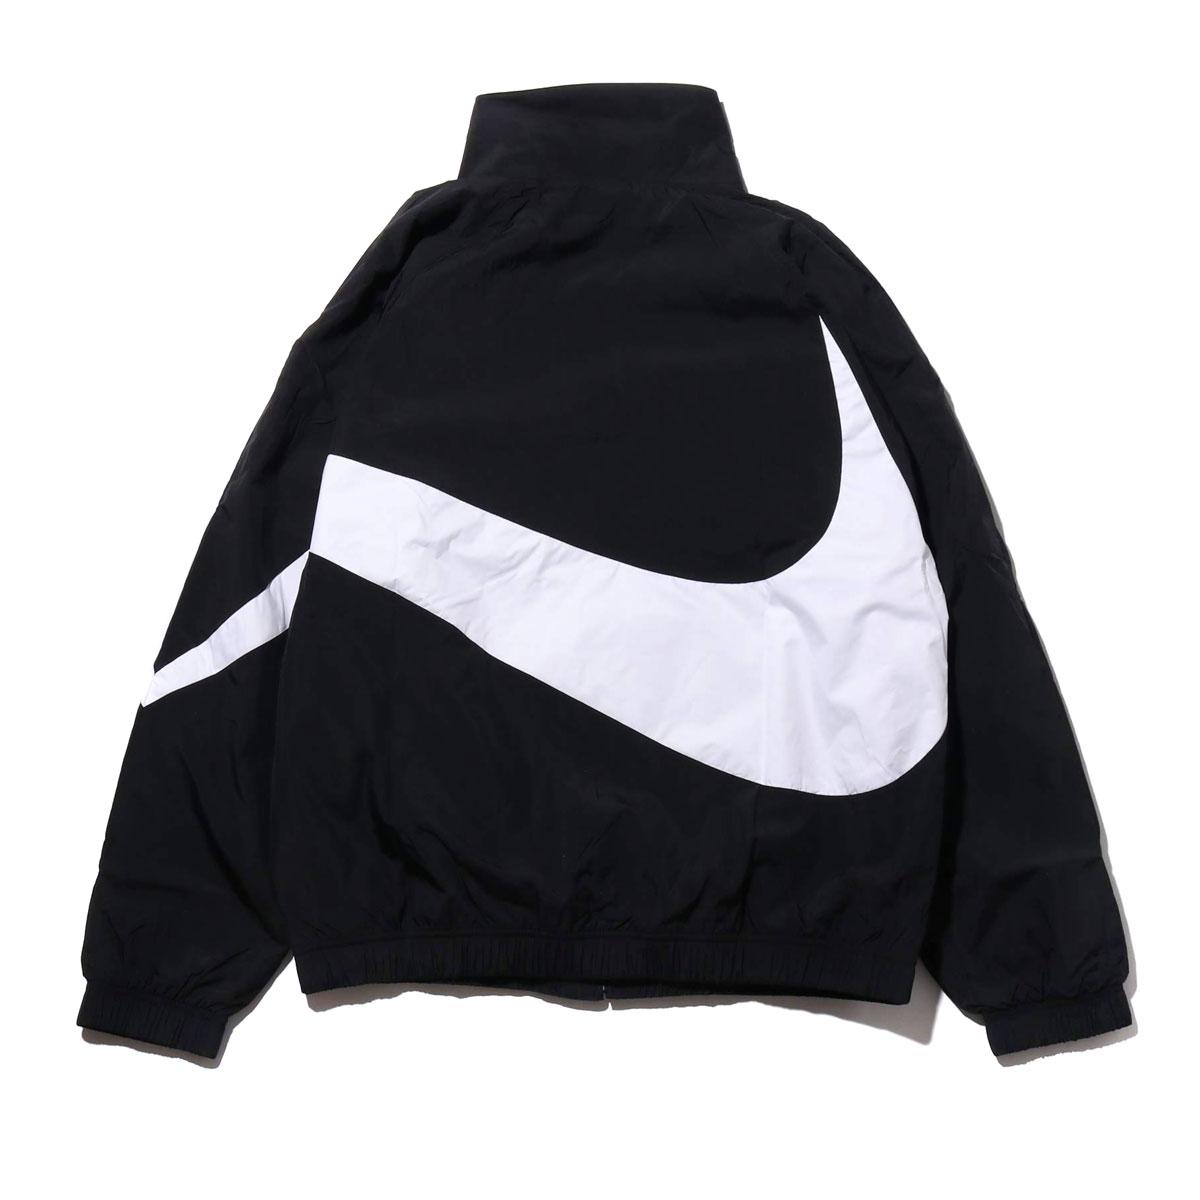 (冬季出清)【NIKE】Sportswear 大LOGO外套 編織外套 外套 黑 男女 AR3133-010 (palace store) 1